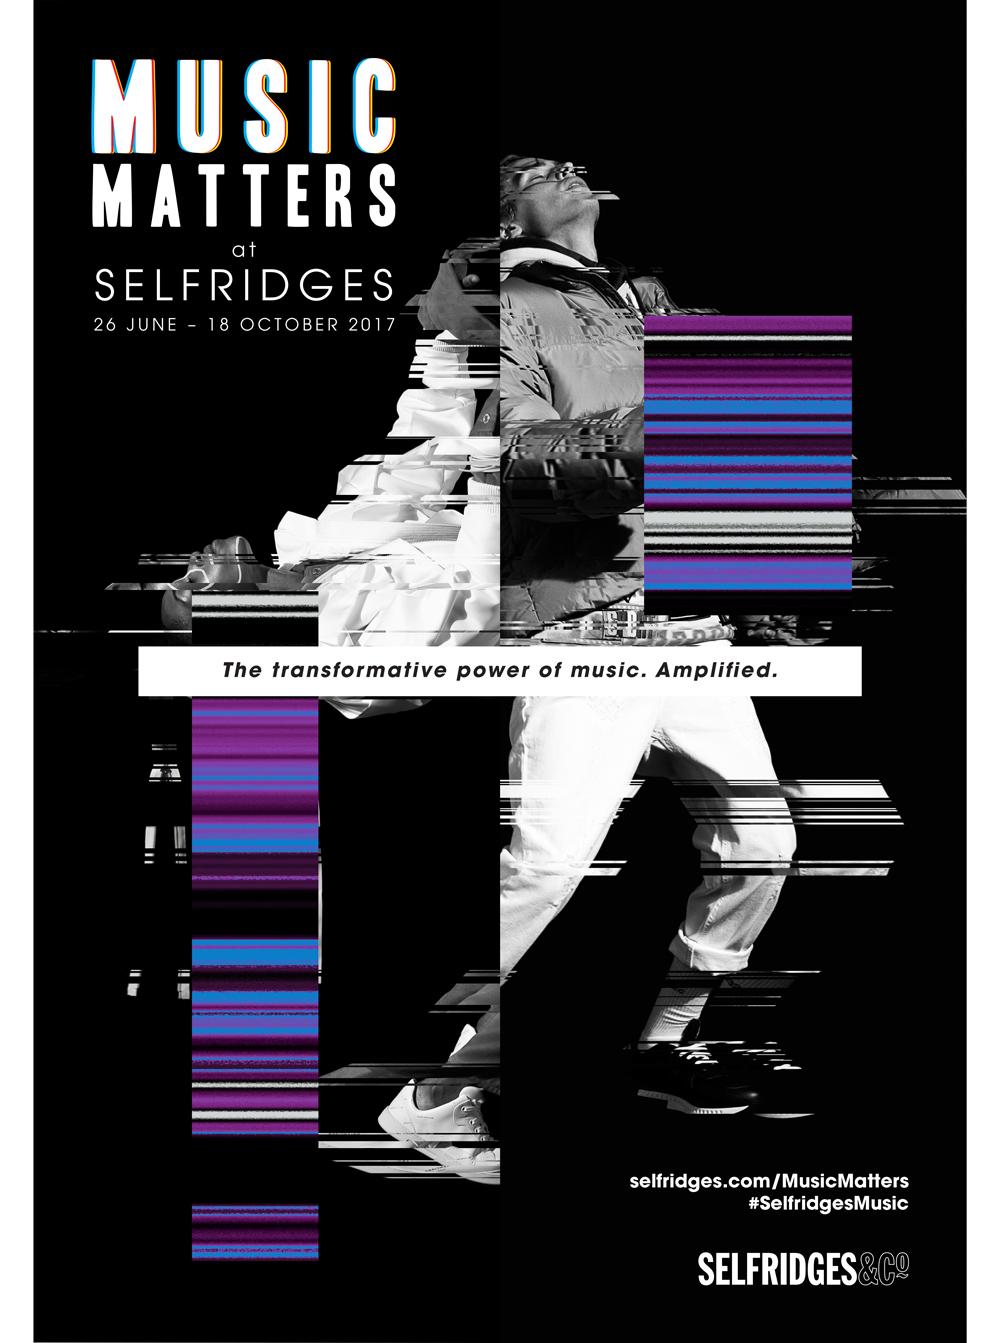 CS17009_Music_Matters_Hero_Poster_A2_AW_HR-2.jpg